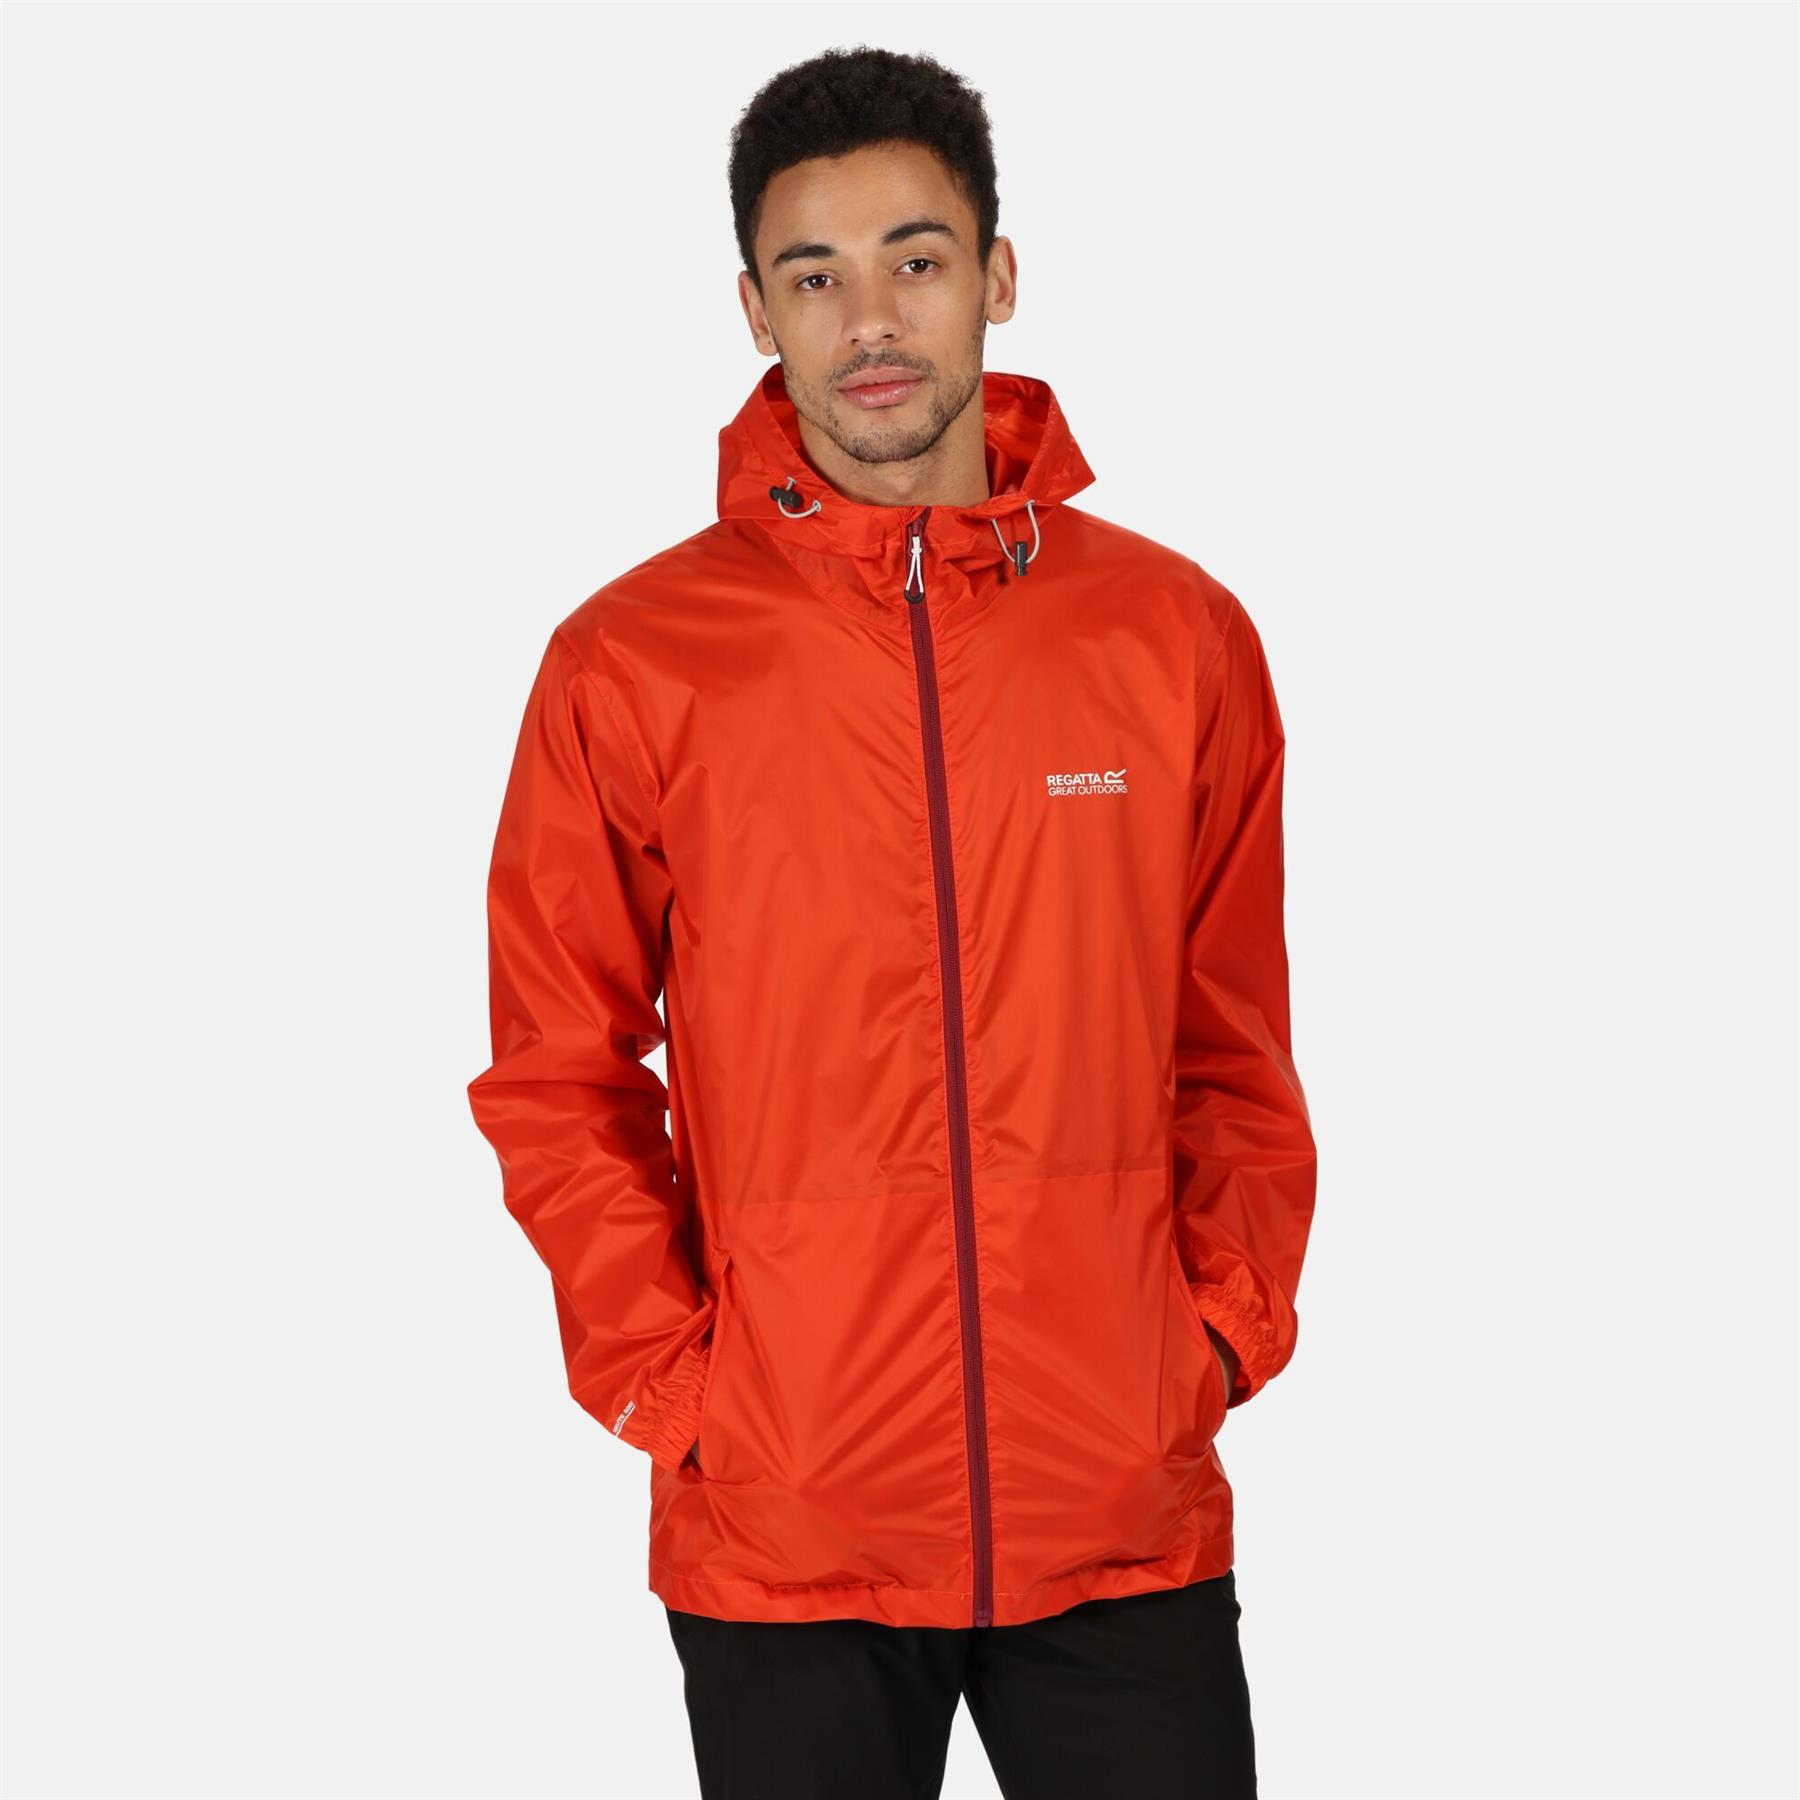 miniatuur 16 - Regatta Mens Pack-it In a bag Packable Waterproof Jacket Outdoor Pack a mac